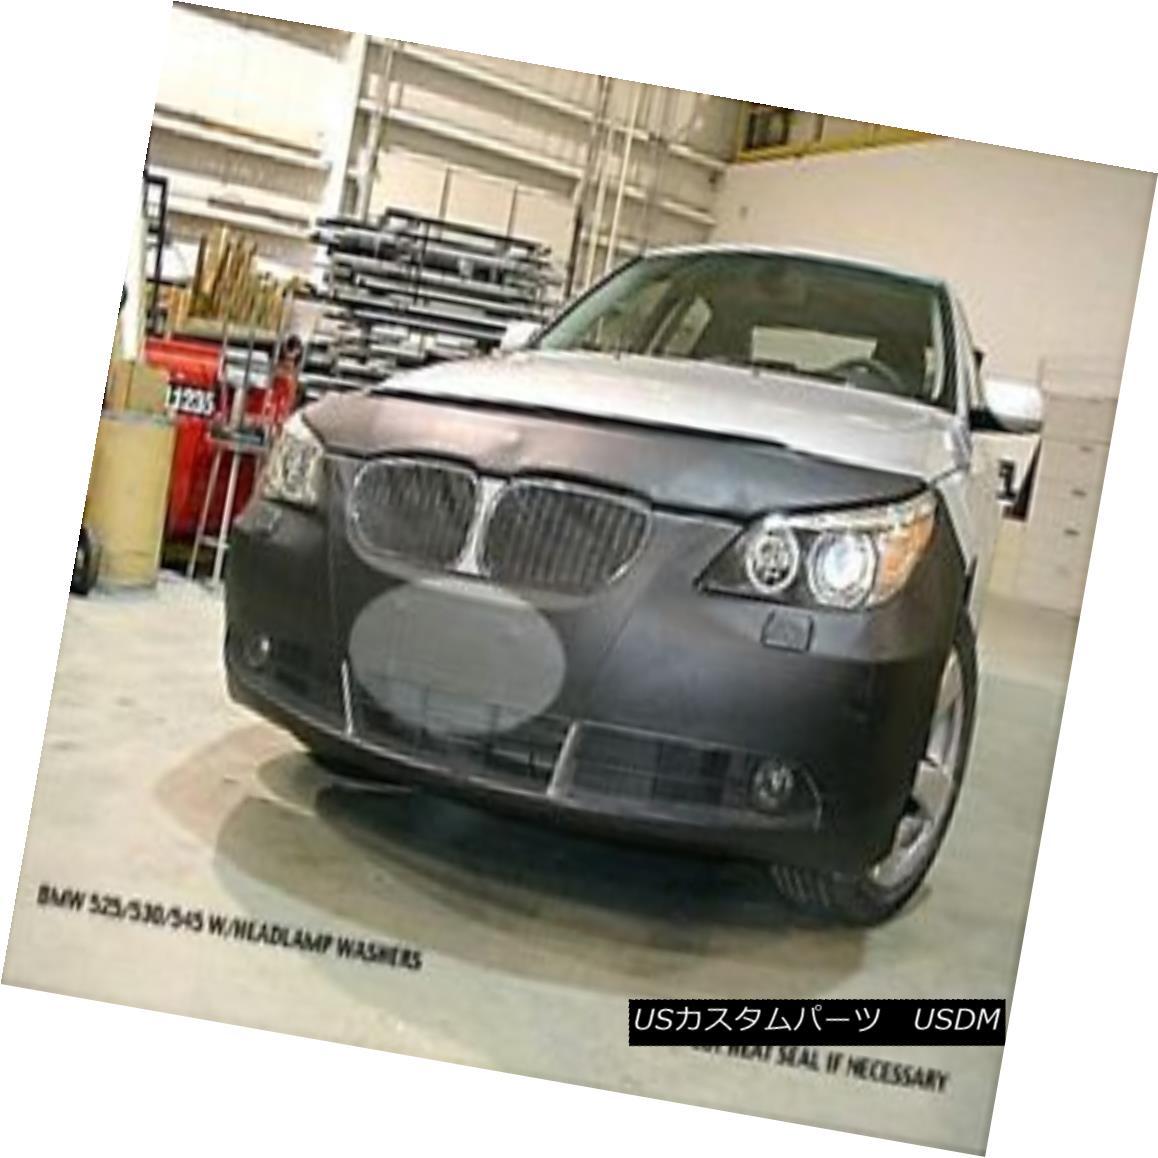 フルブラ ノーズブラ Lebra Front Mask Cover Bra Fits BMW 525i /530i /545i 04-07 w/ Headlight Wipers Lebra Front Mask Cover Bra BMW 525i / 530i / 545i 04-07ヘッドライトワイパー付き